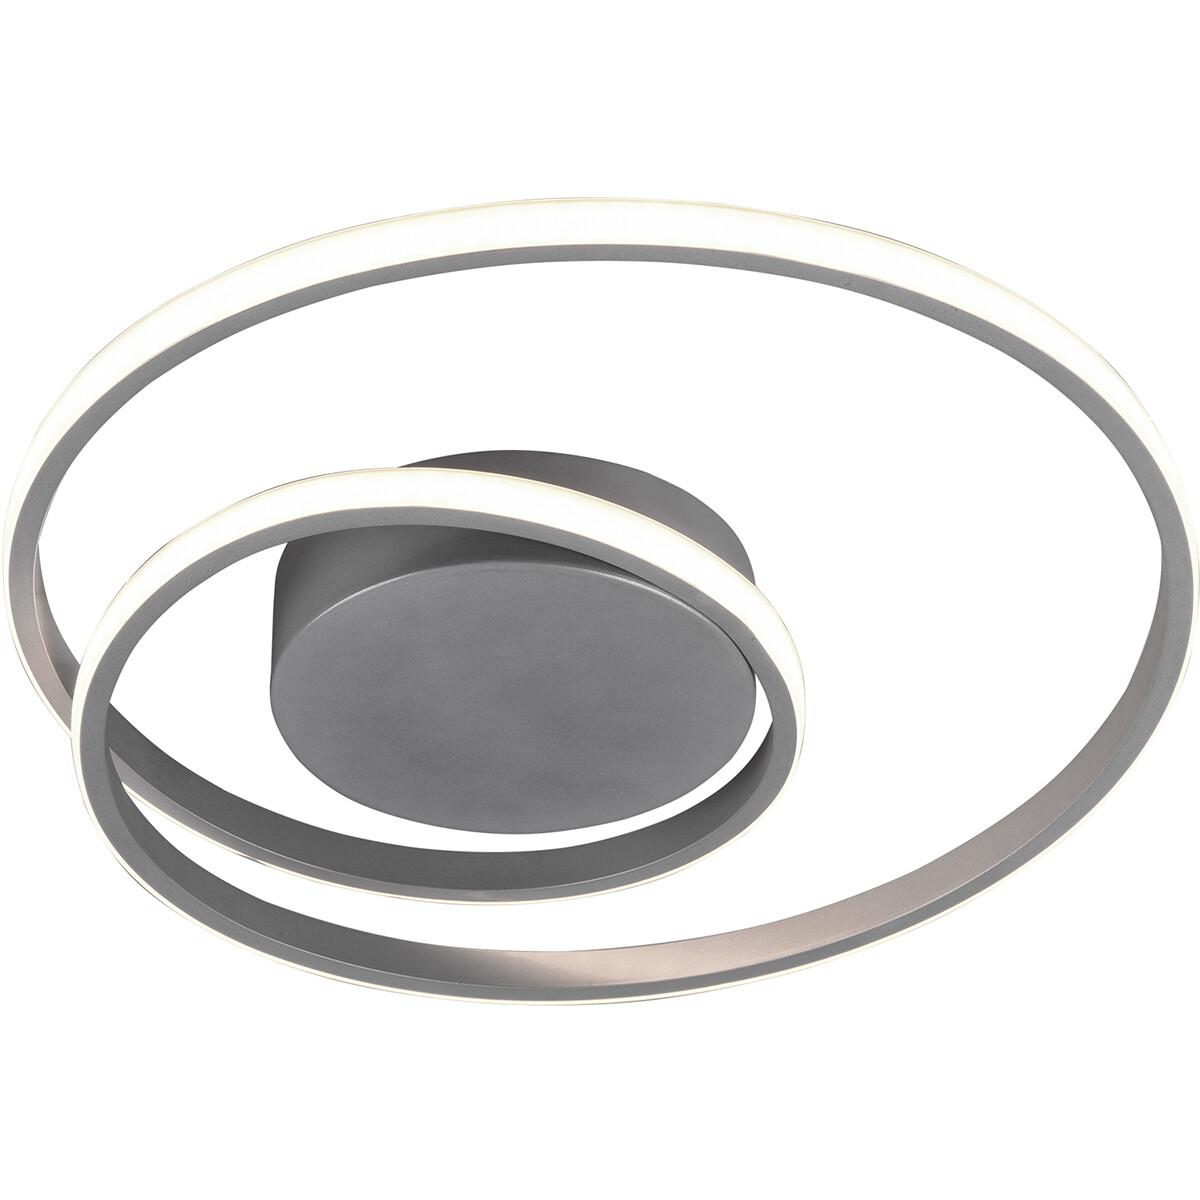 LED Plafondlamp - Trion Zobun - 22W - Warm Wit 3000K - Dimbaar - Rond - Mat Titaan - Aluminium